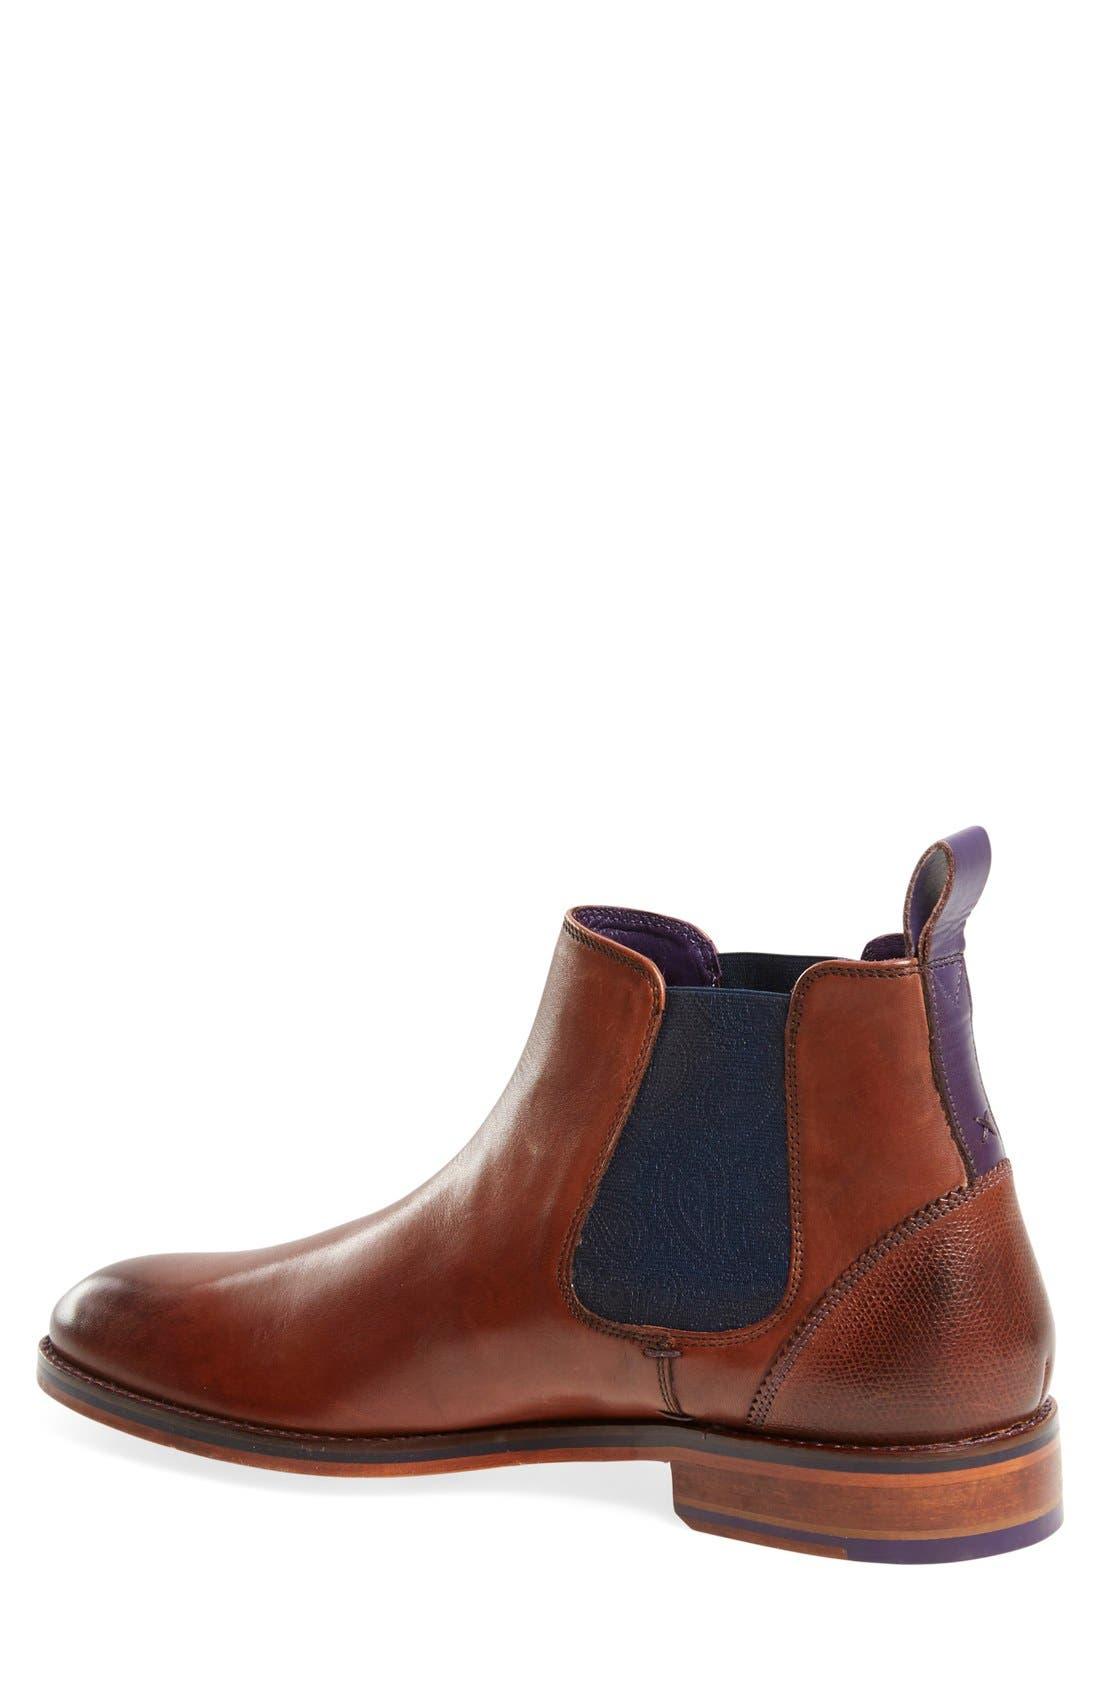 Alternate Image 2  - Ted Baker London 'Camroon 4' Chelsea Boot (Men)